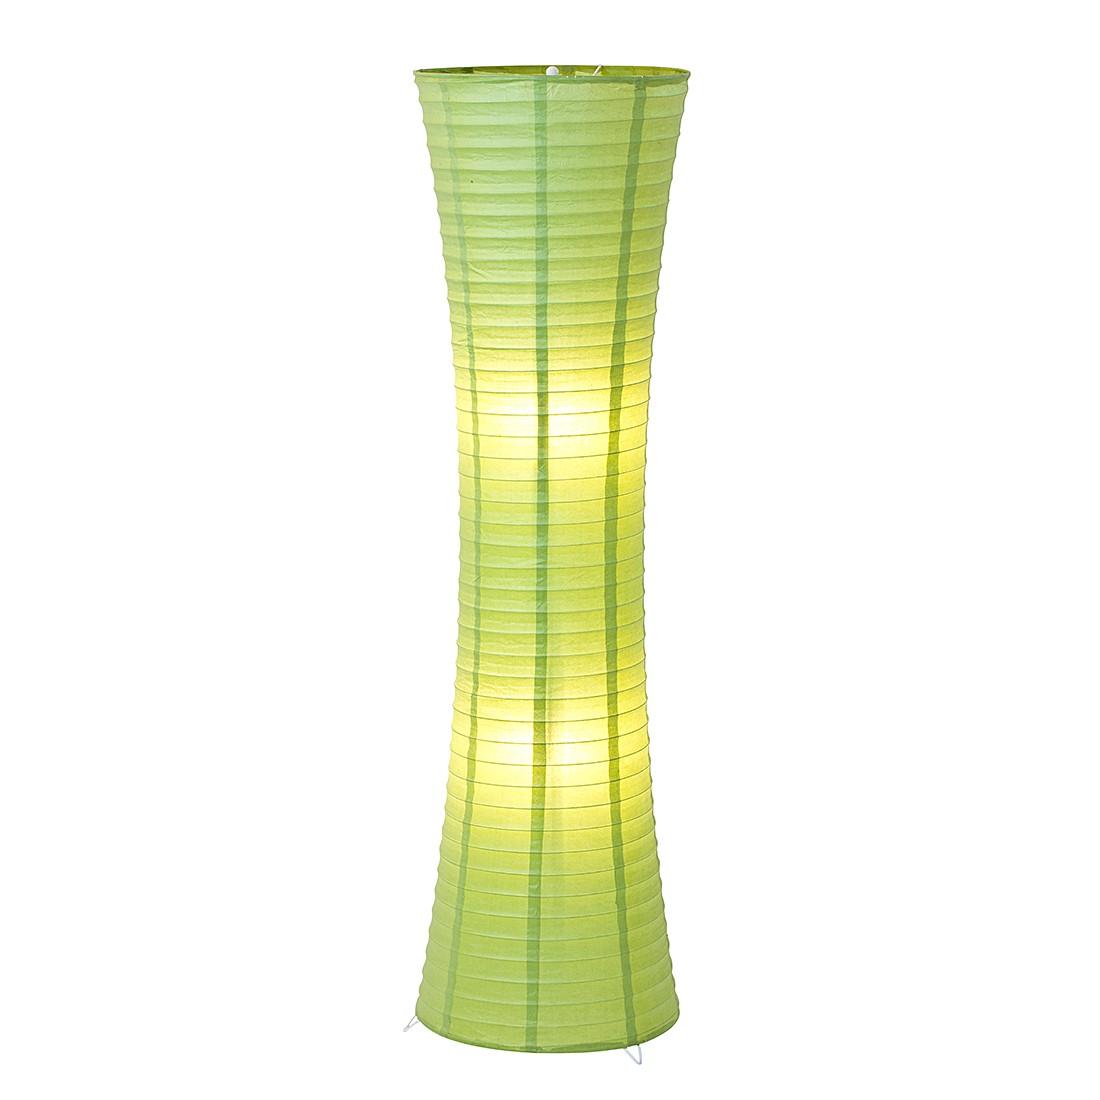 Stehleuchte Lodda - 2-flammig, Nino Leuchten